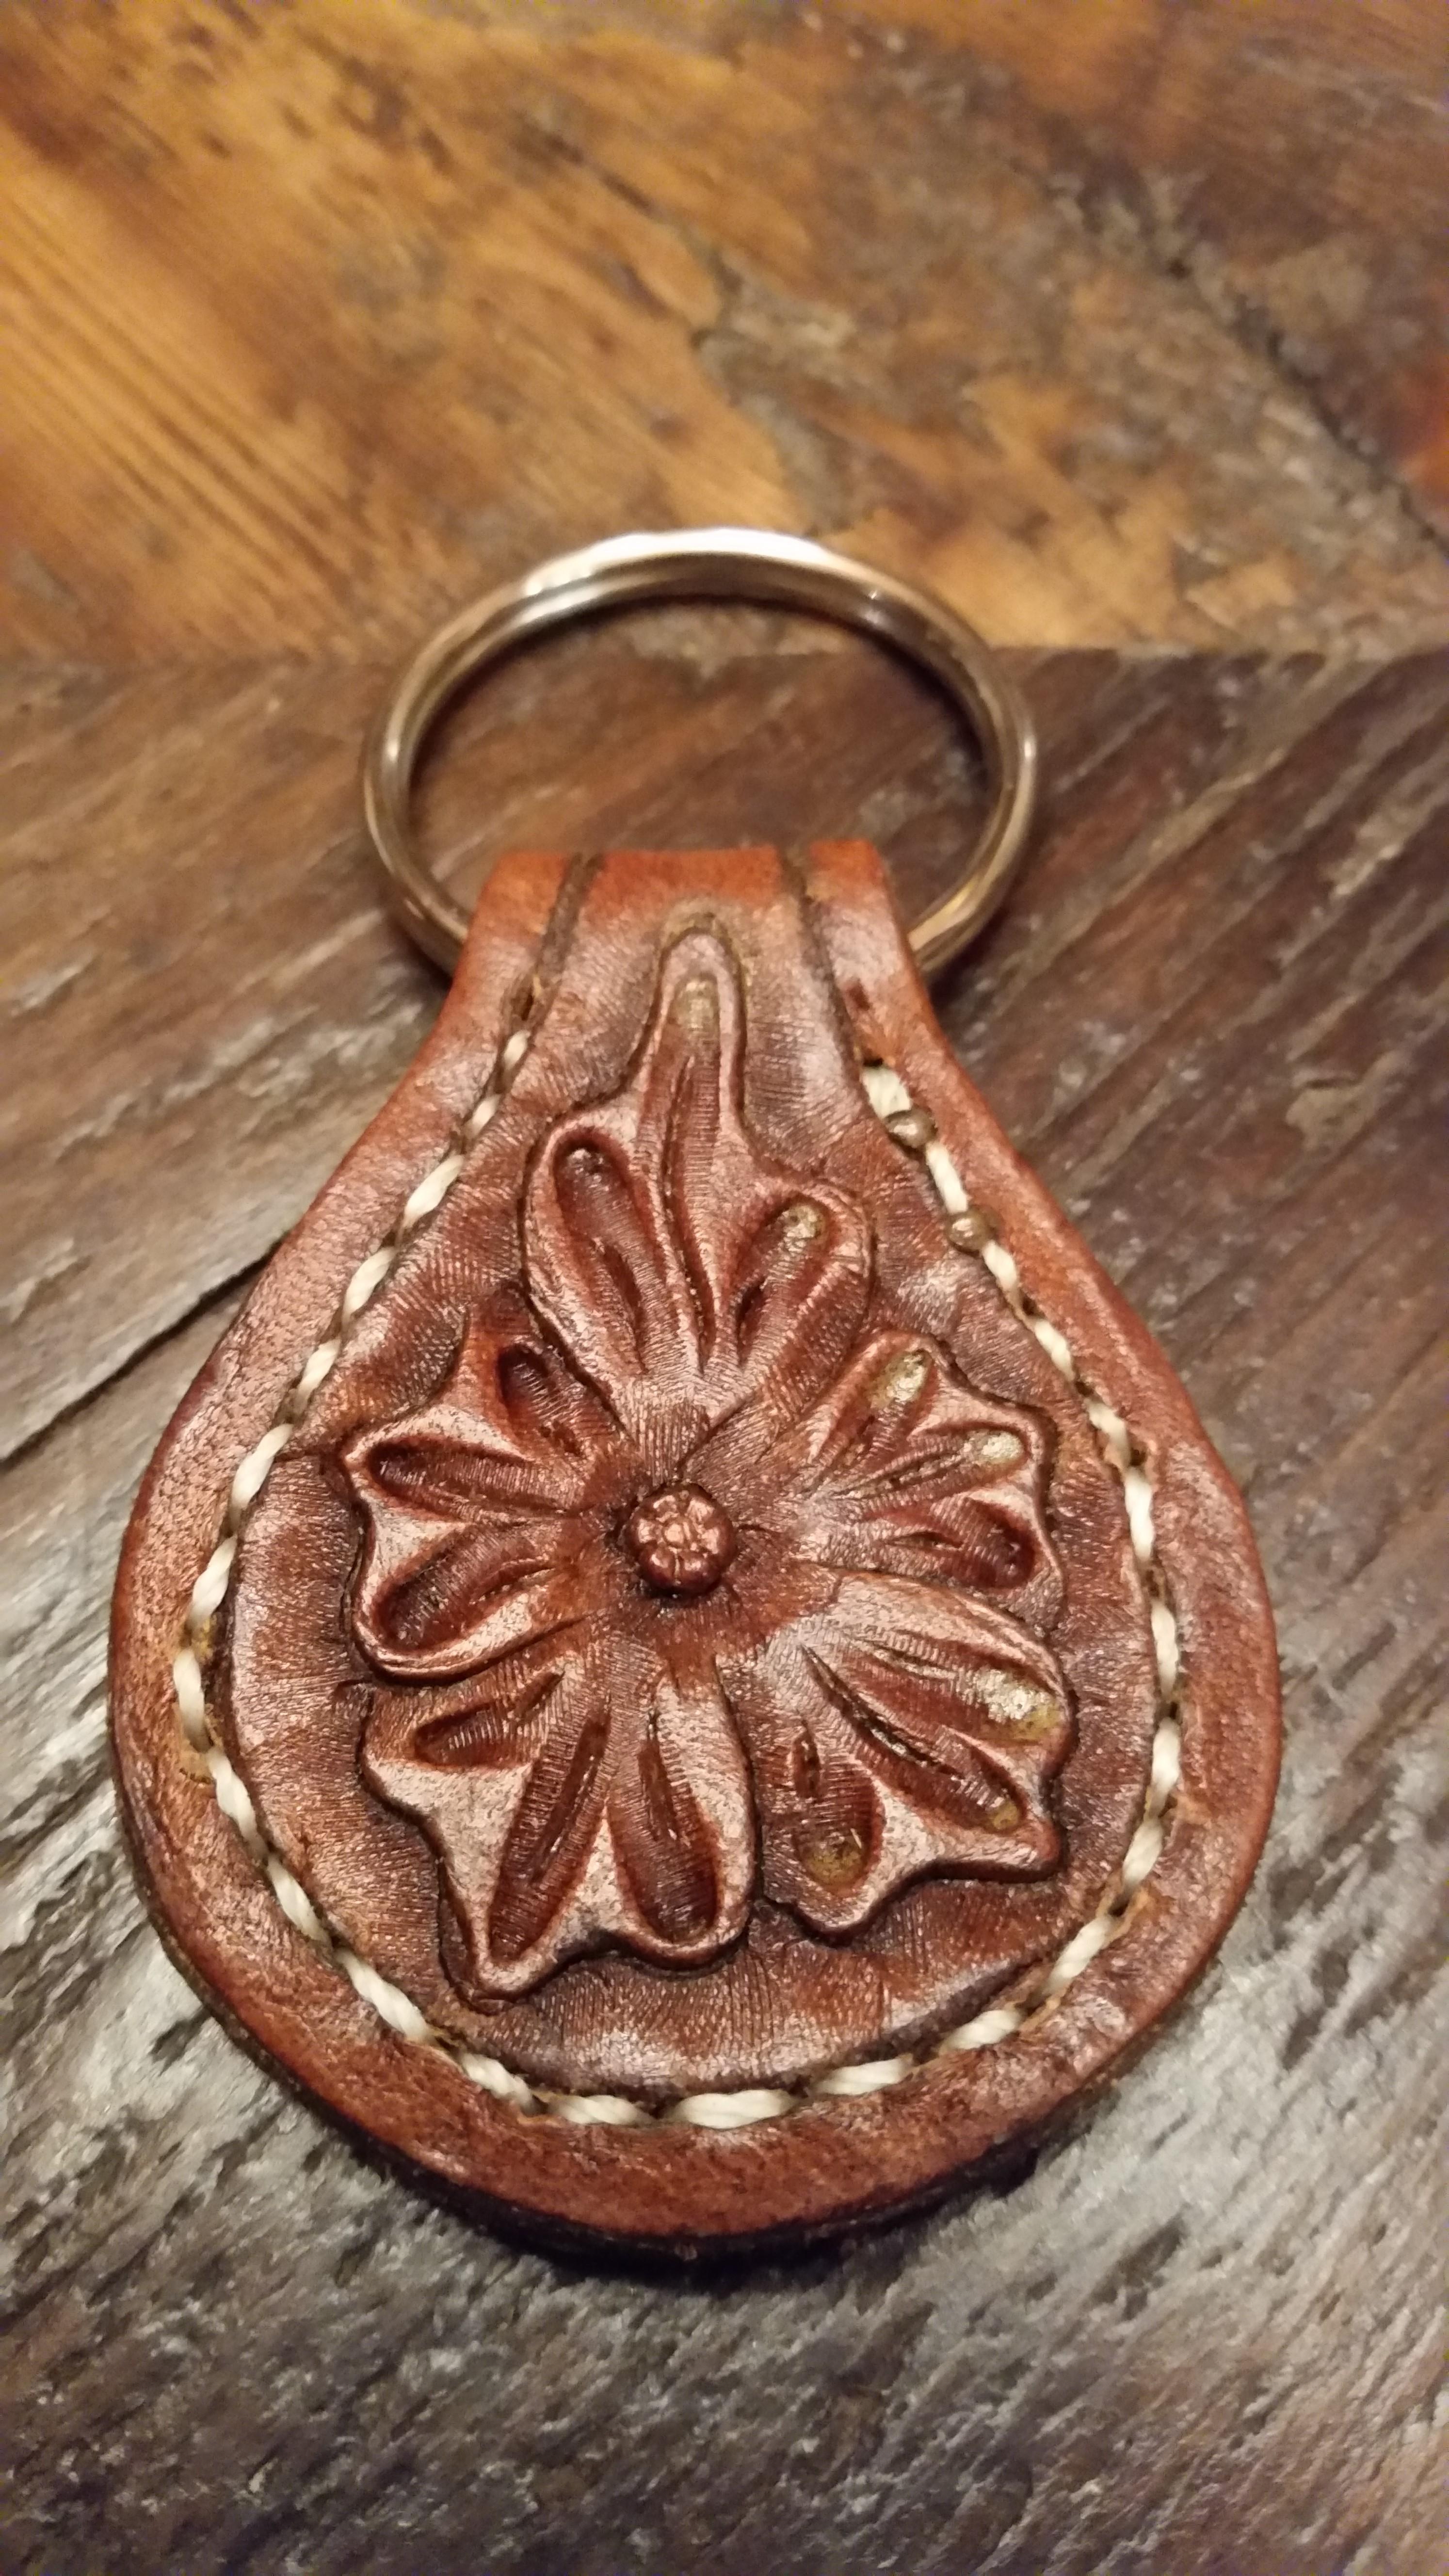 Western Floral key fob